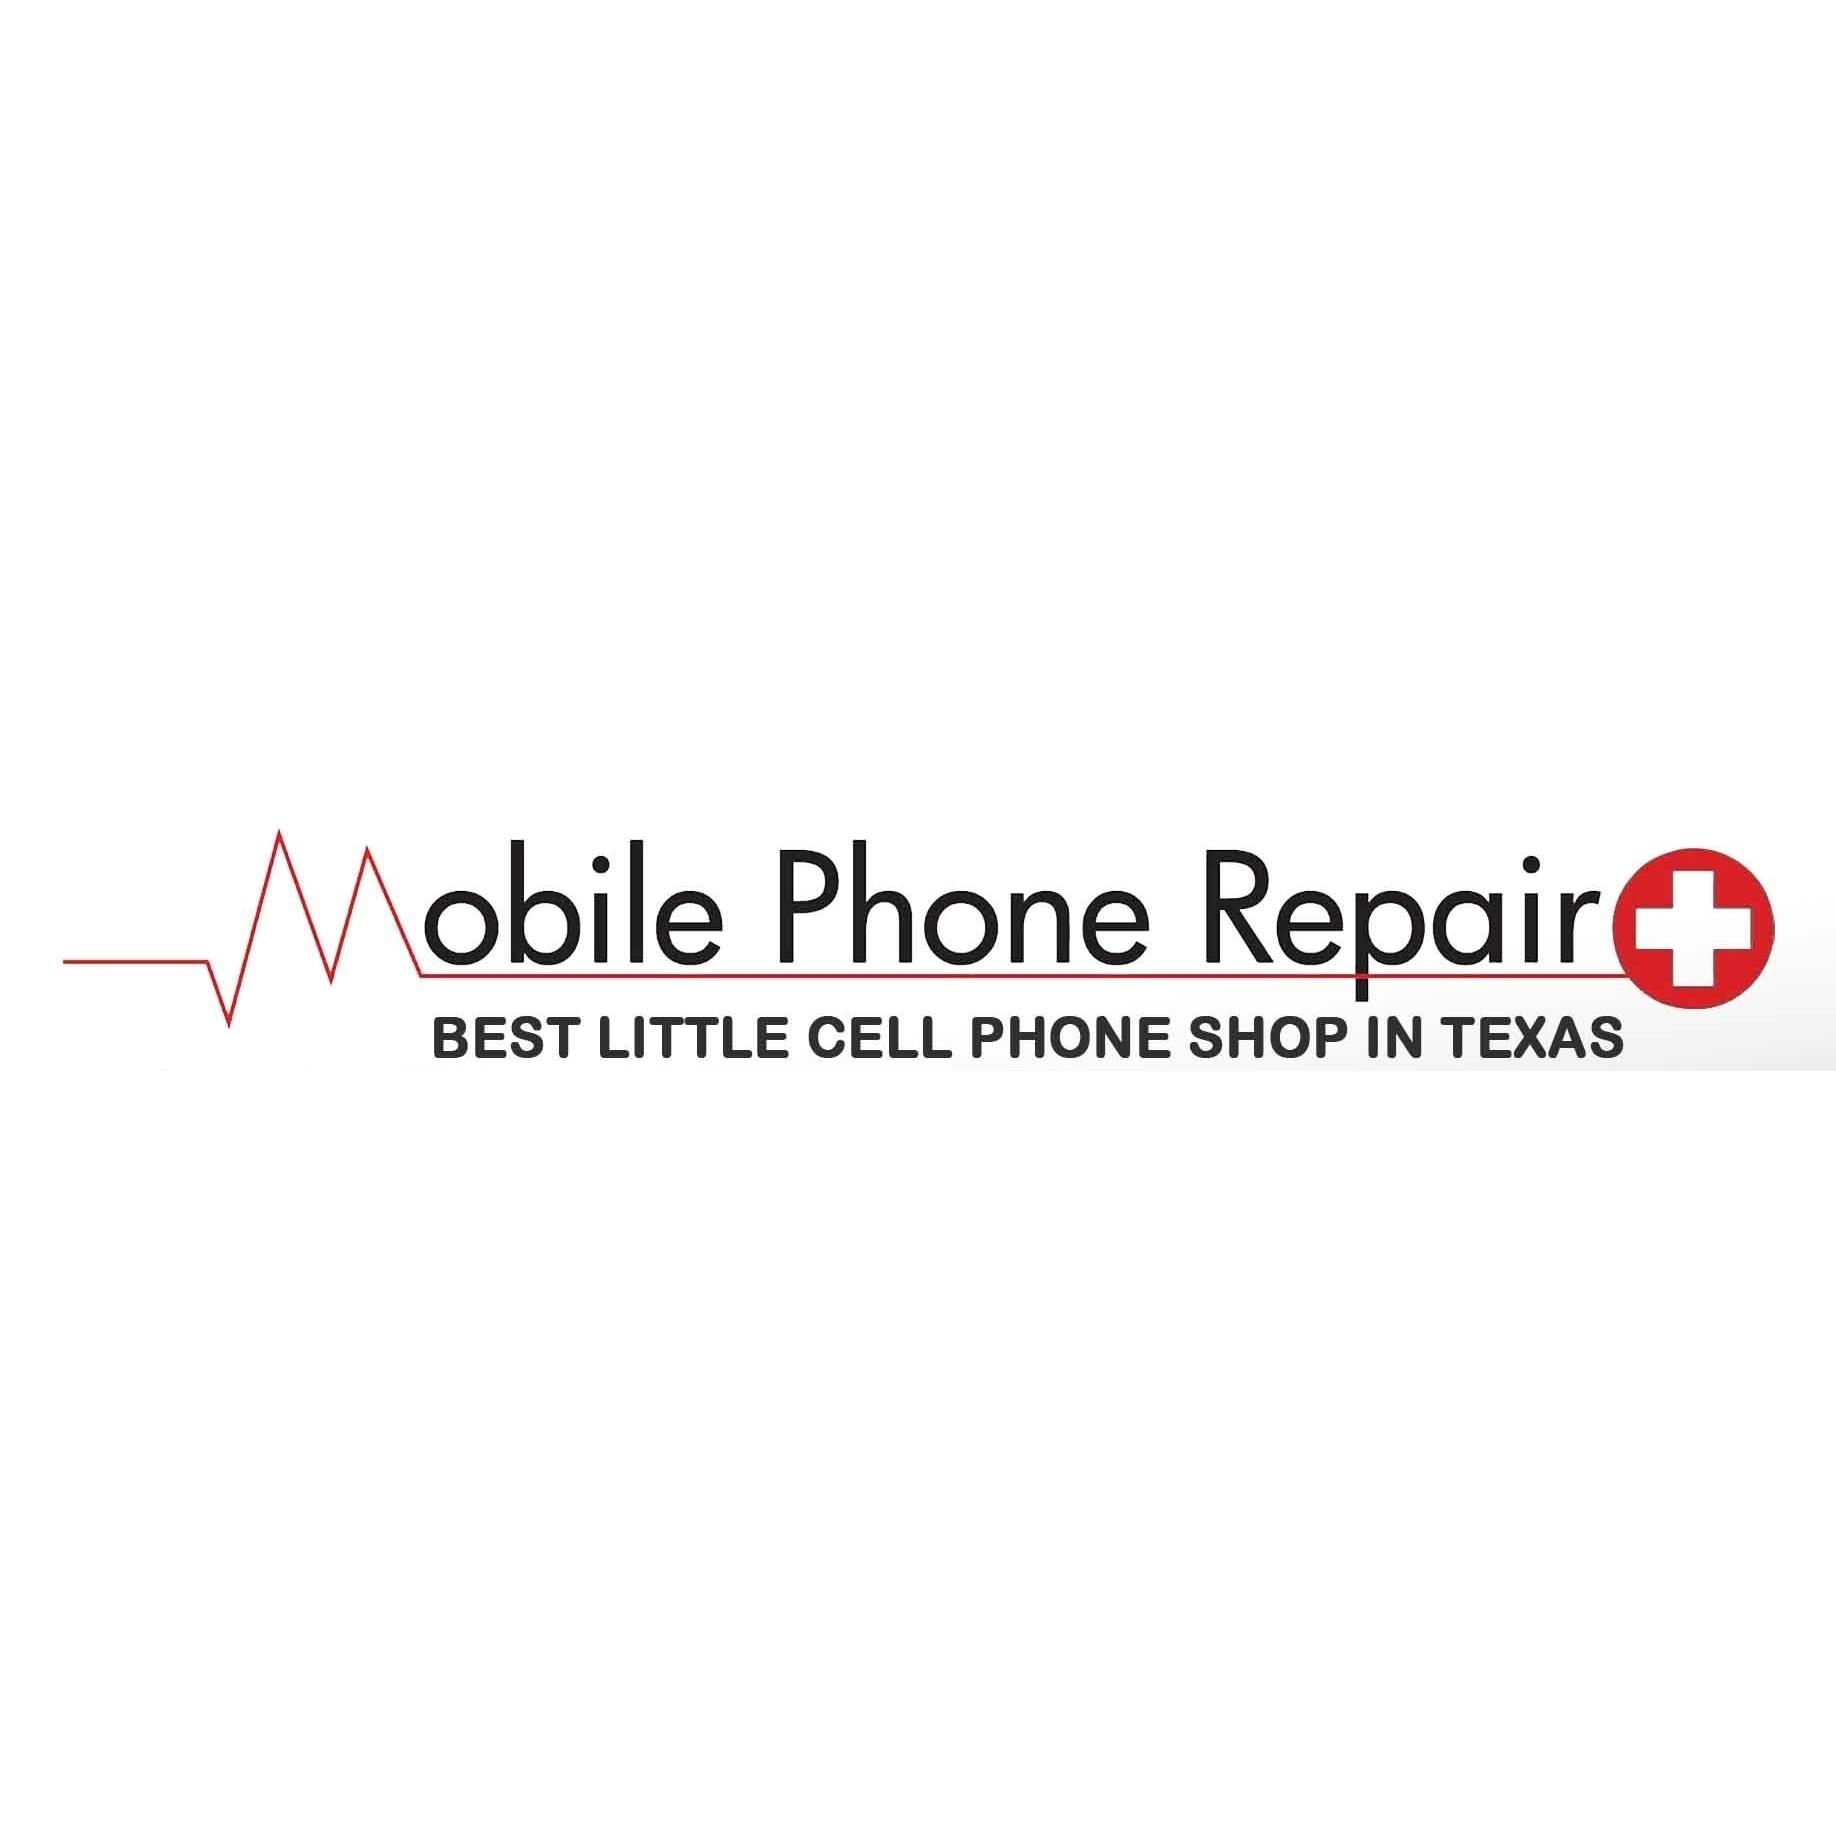 Mobile Phone Repair Plus image 8